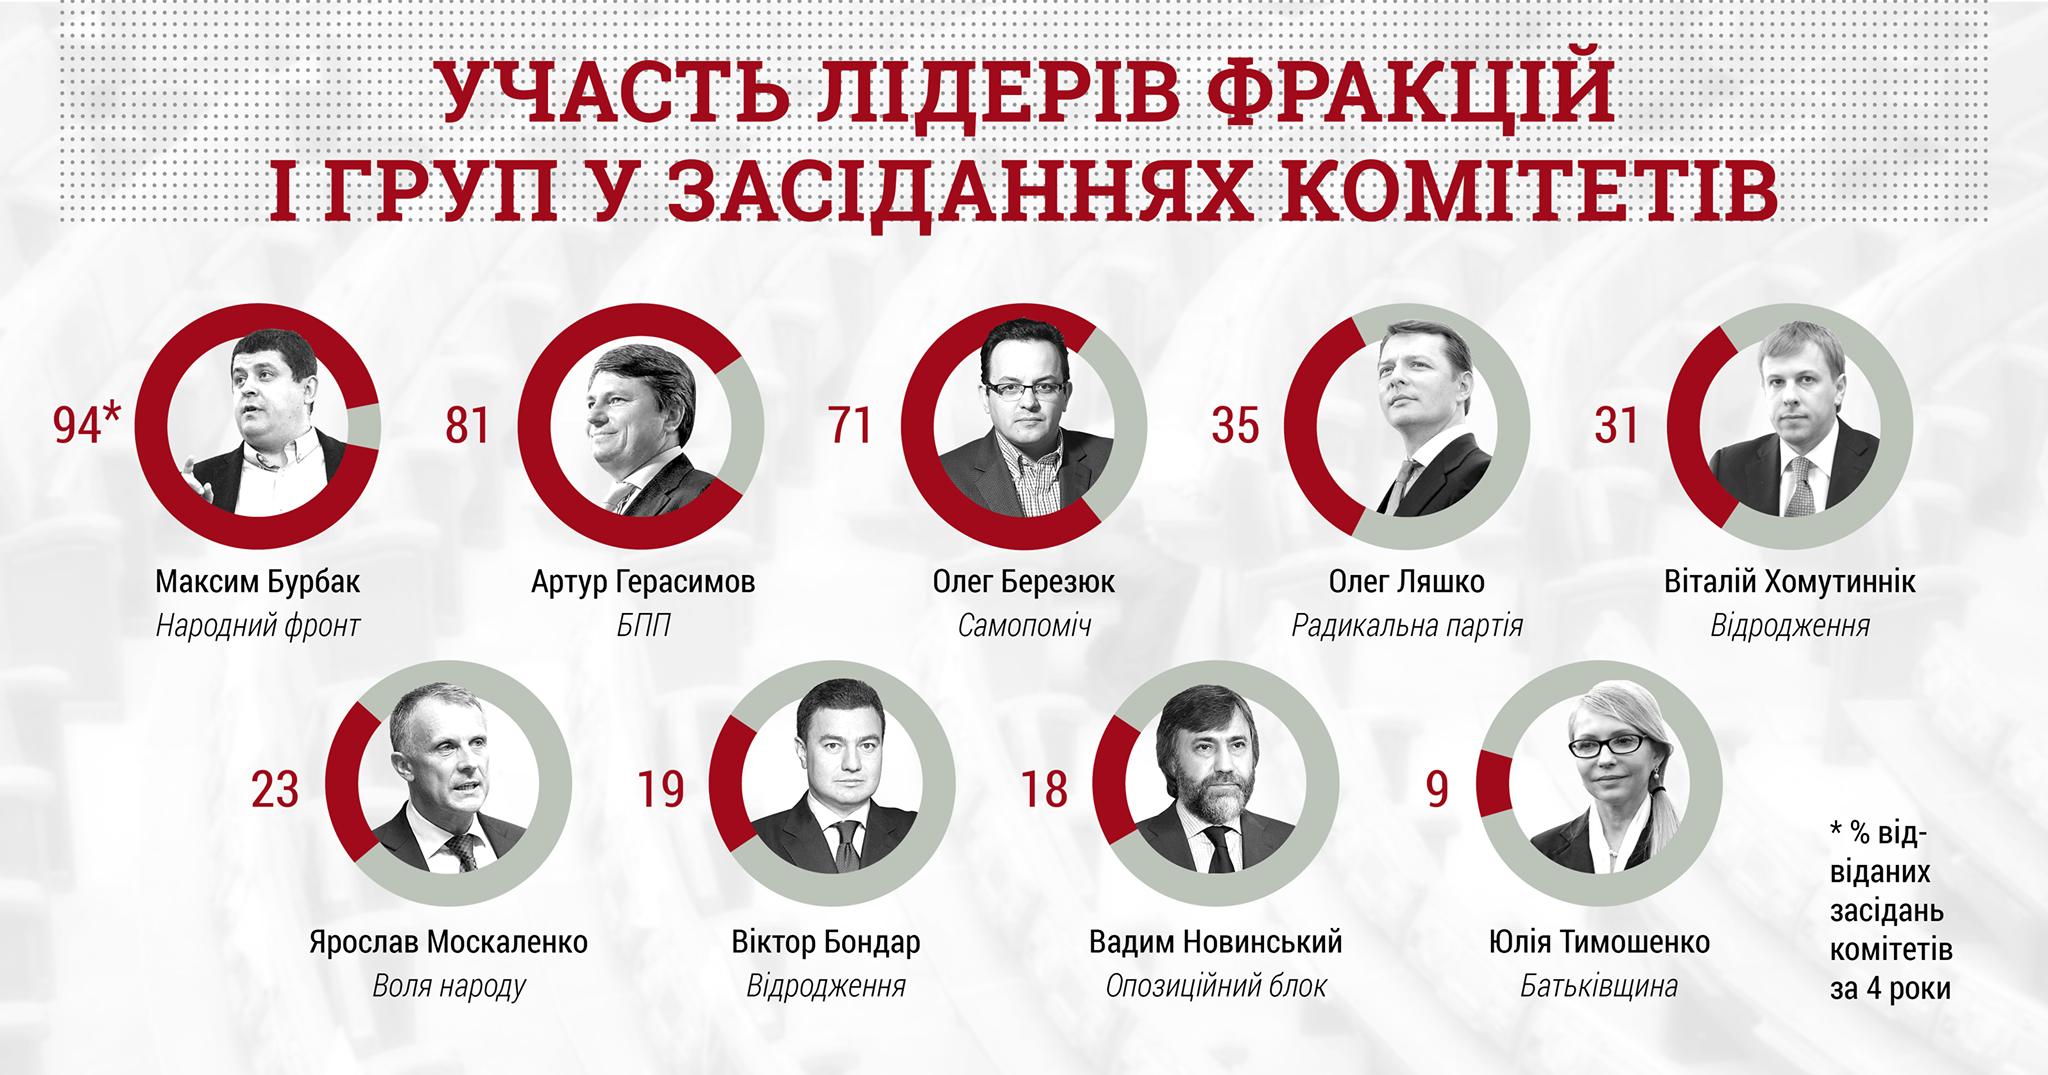 участь лідерів фракцій і груп у засіданнях комітетів